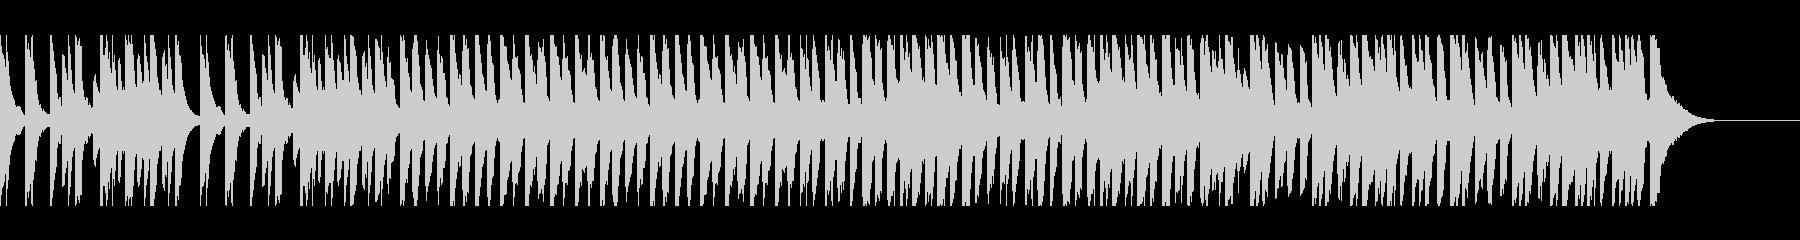 幸せなピアノソロの未再生の波形